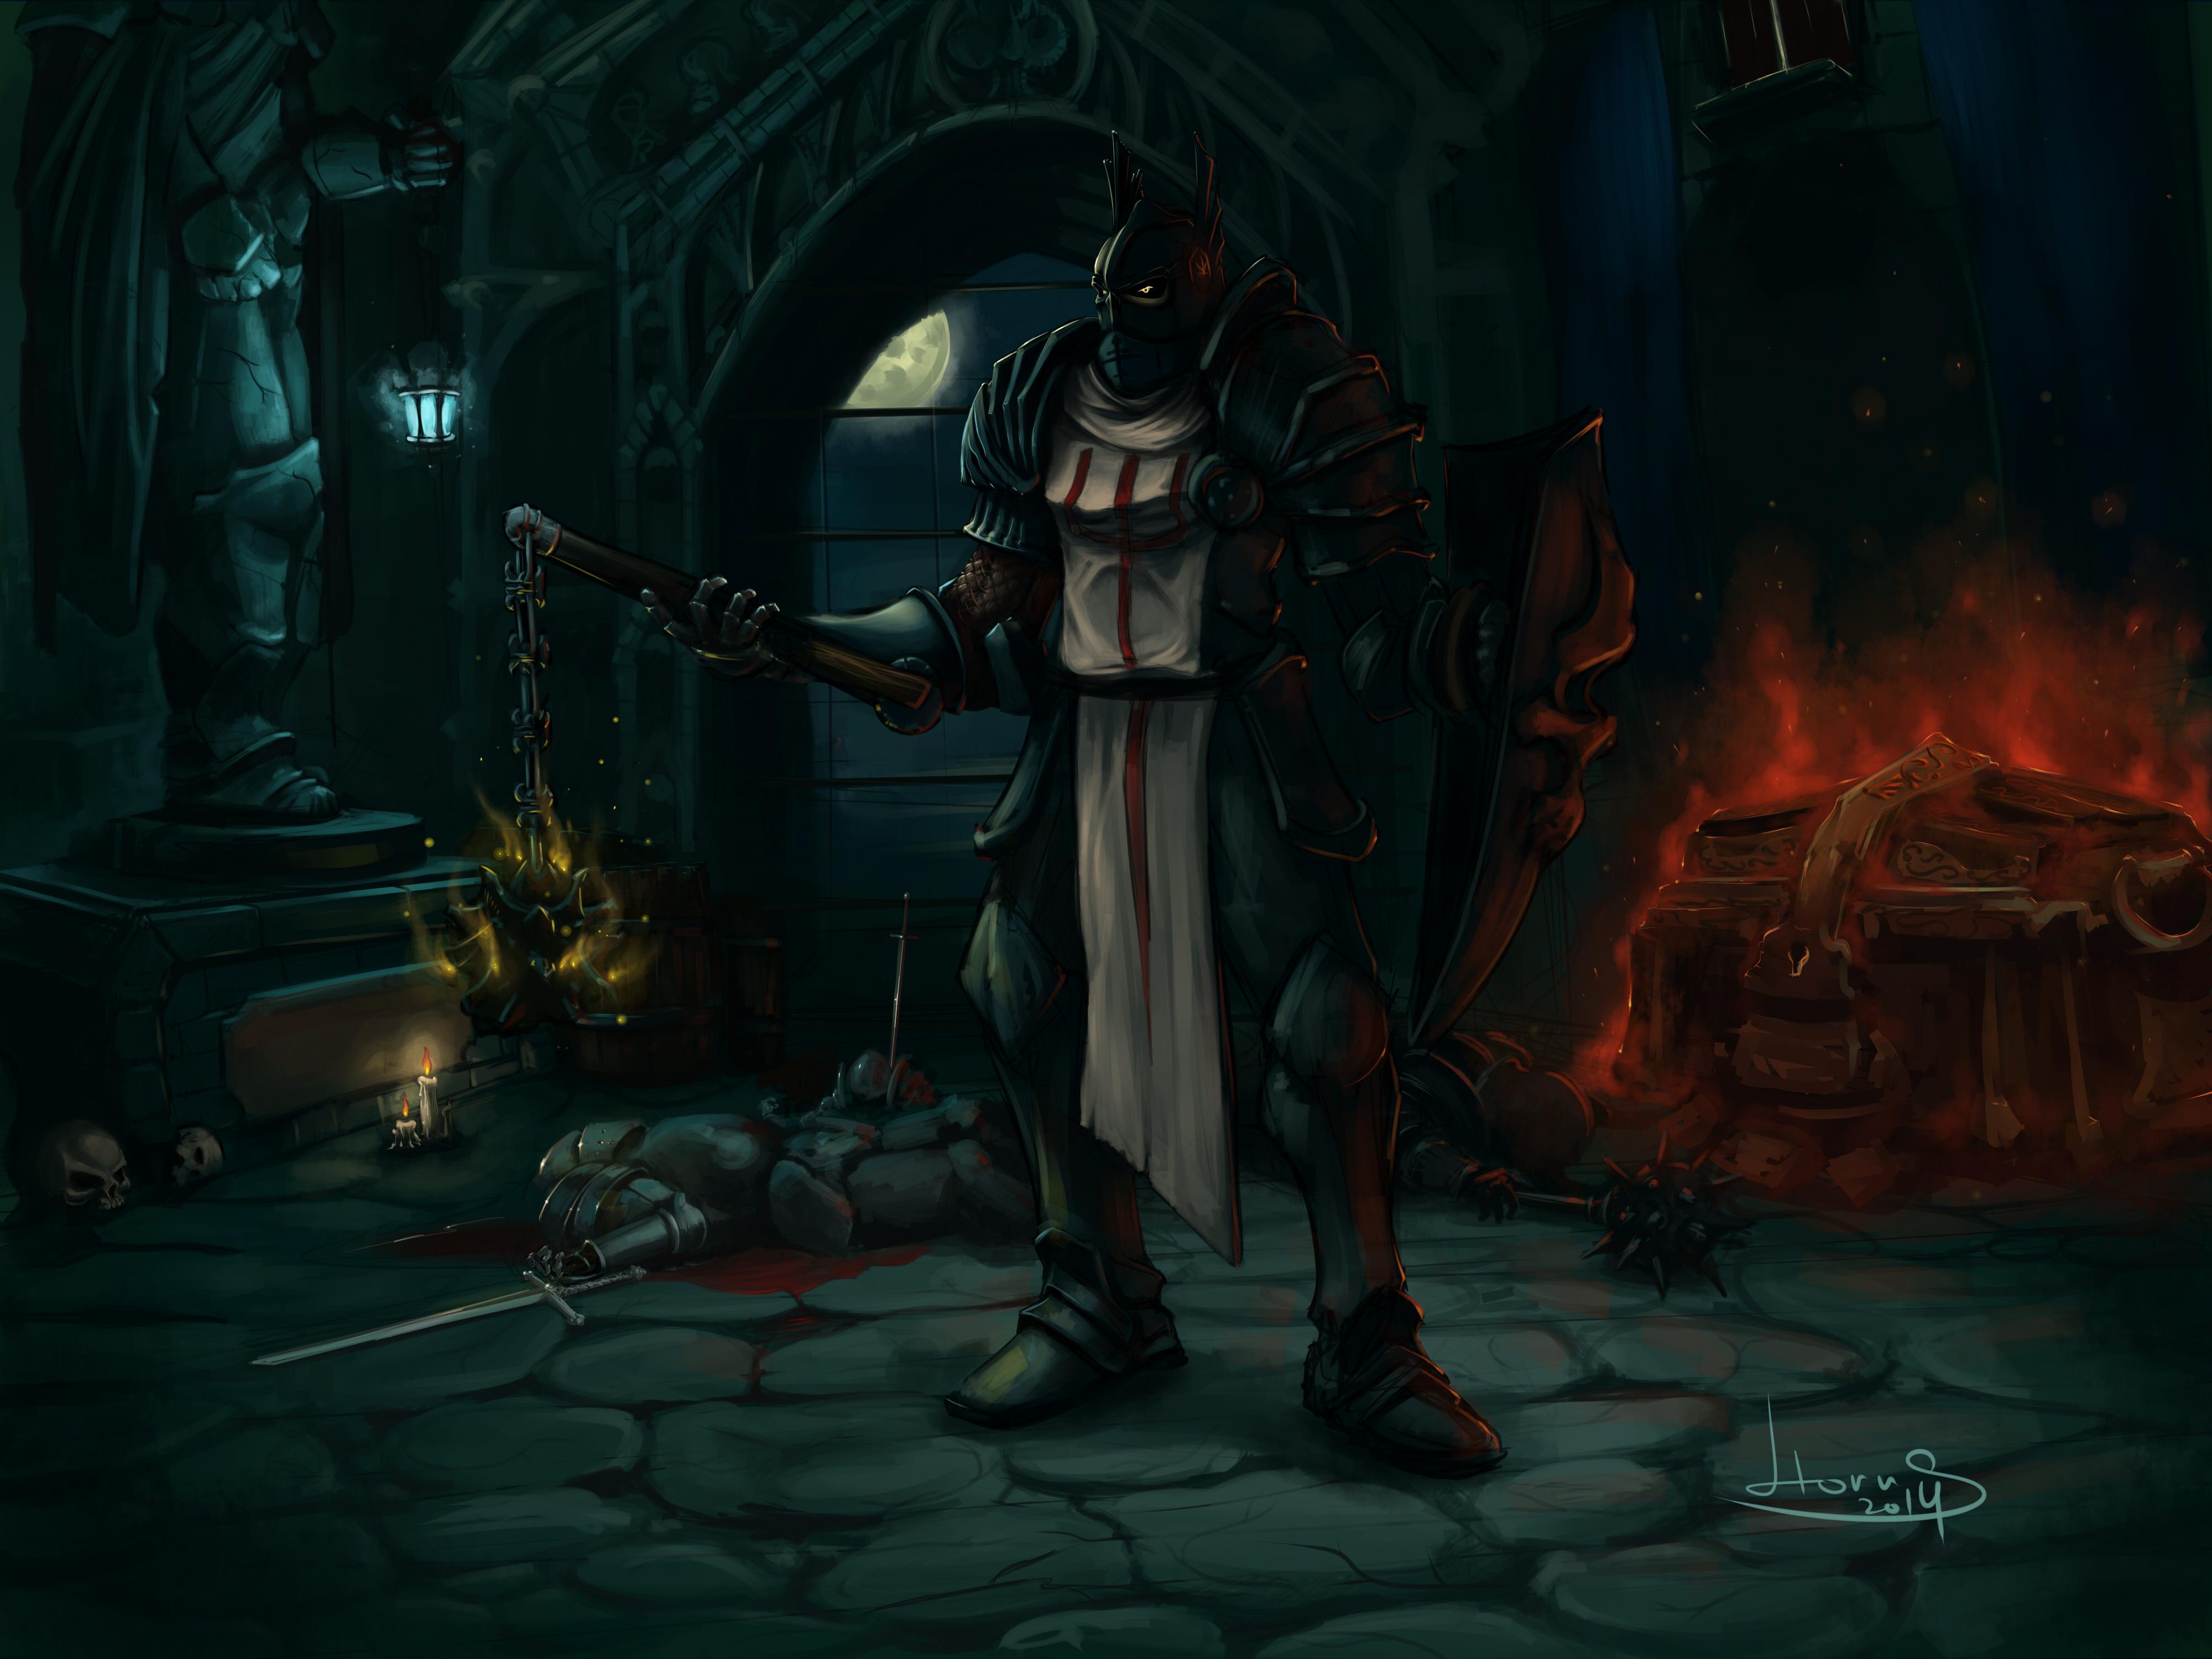 diablo iii reaper of souls wallpapers pictures images